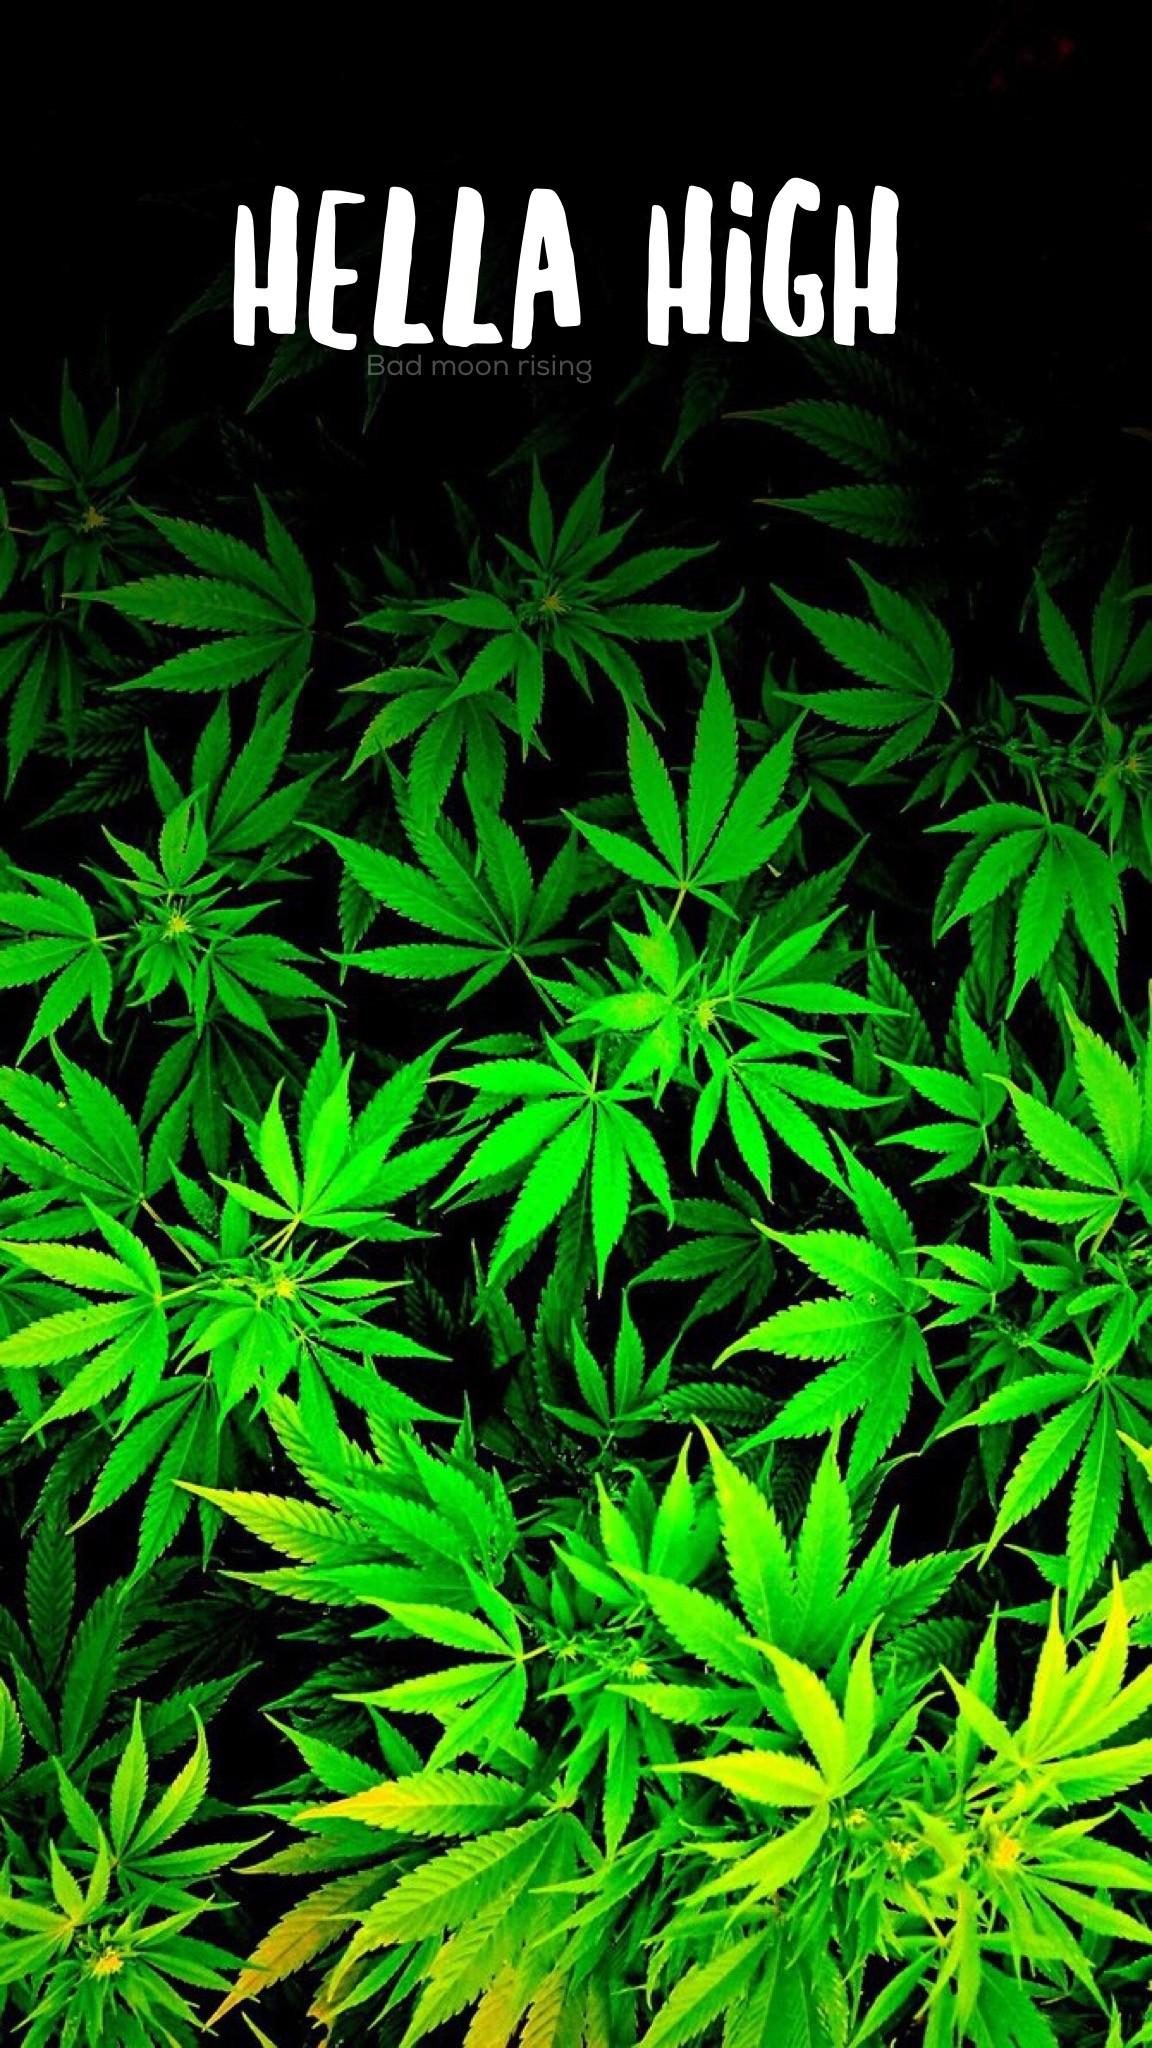 Stoner wallpapers hd 55 images - Free marijuana desktop backgrounds ...